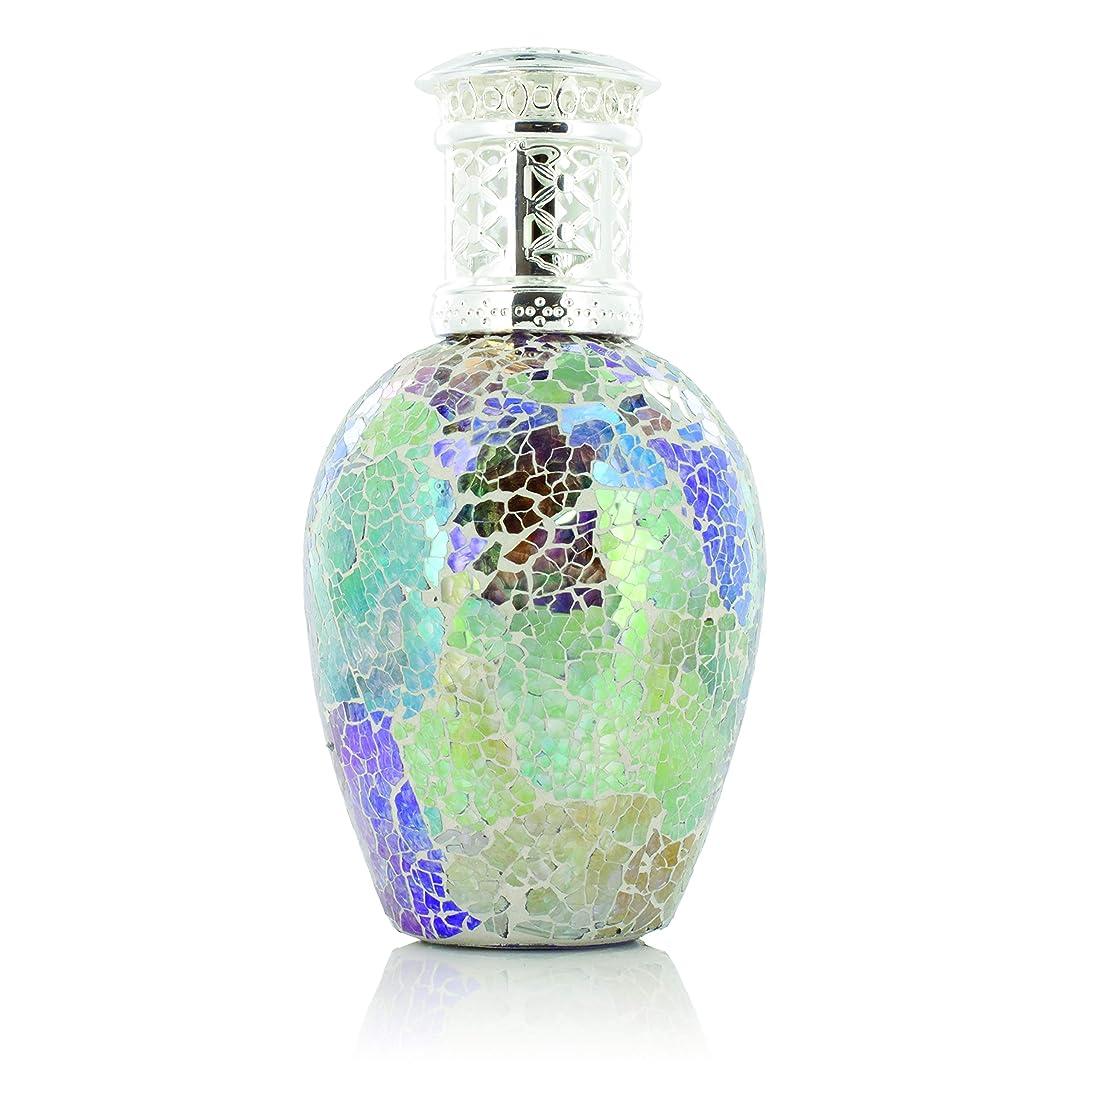 振るう日没正当化するAshleigh&Burwood アシュレイ&バーウッド Fragrance Lamps size L フェアリーダスト